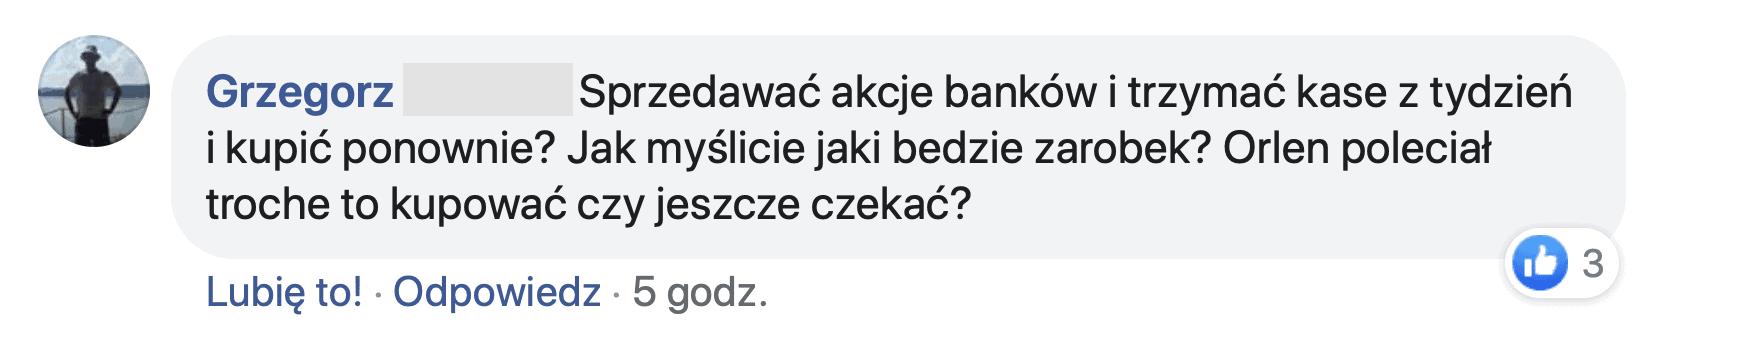 Czy sprzedawać akcje banków